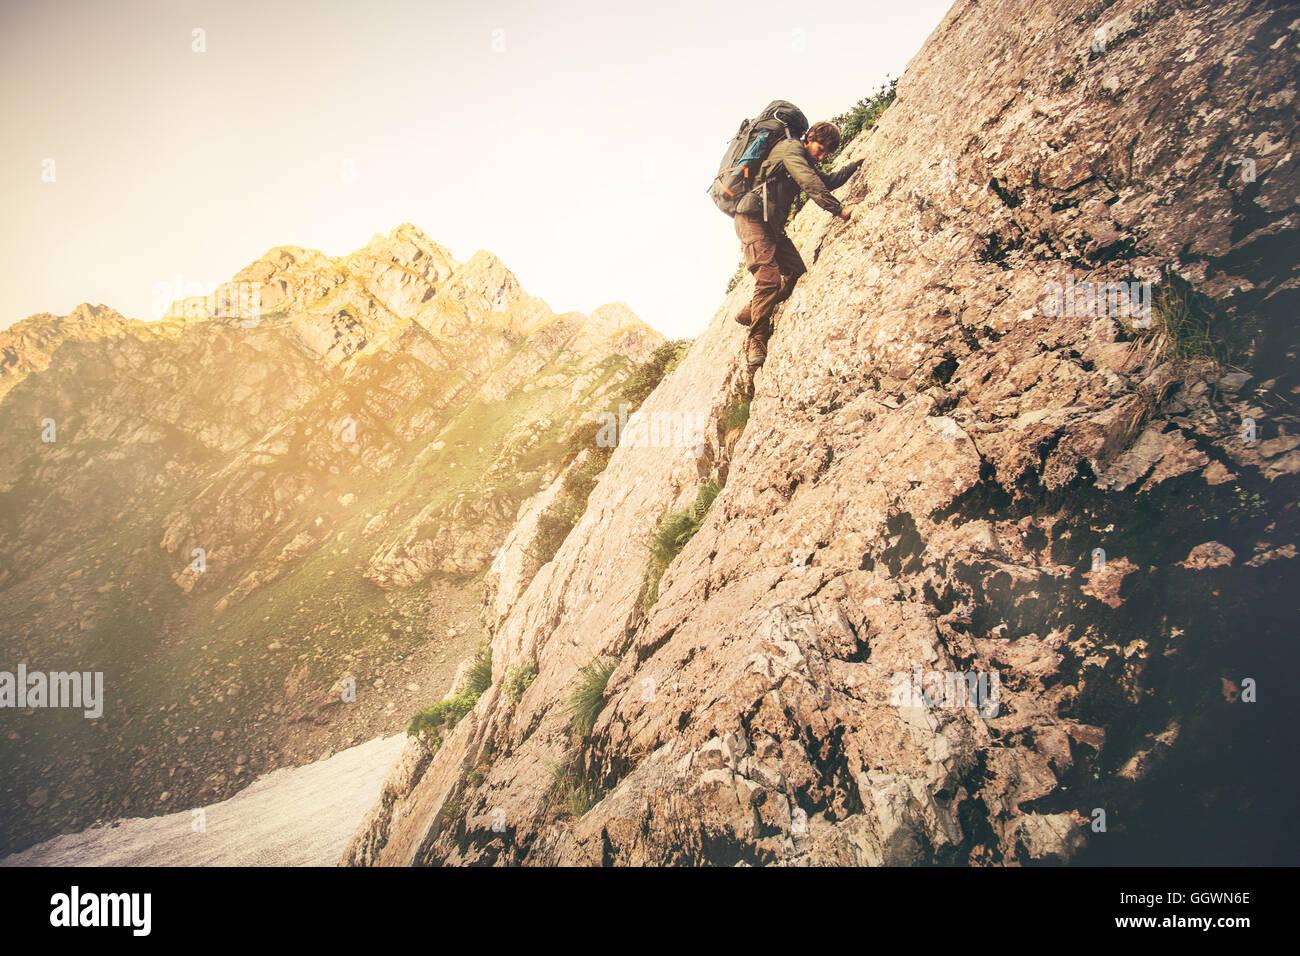 Sac à dos homme Traveler avec de grandes randonnées sur des pierres de vie voyage paysage montagnes concept Photo Stock